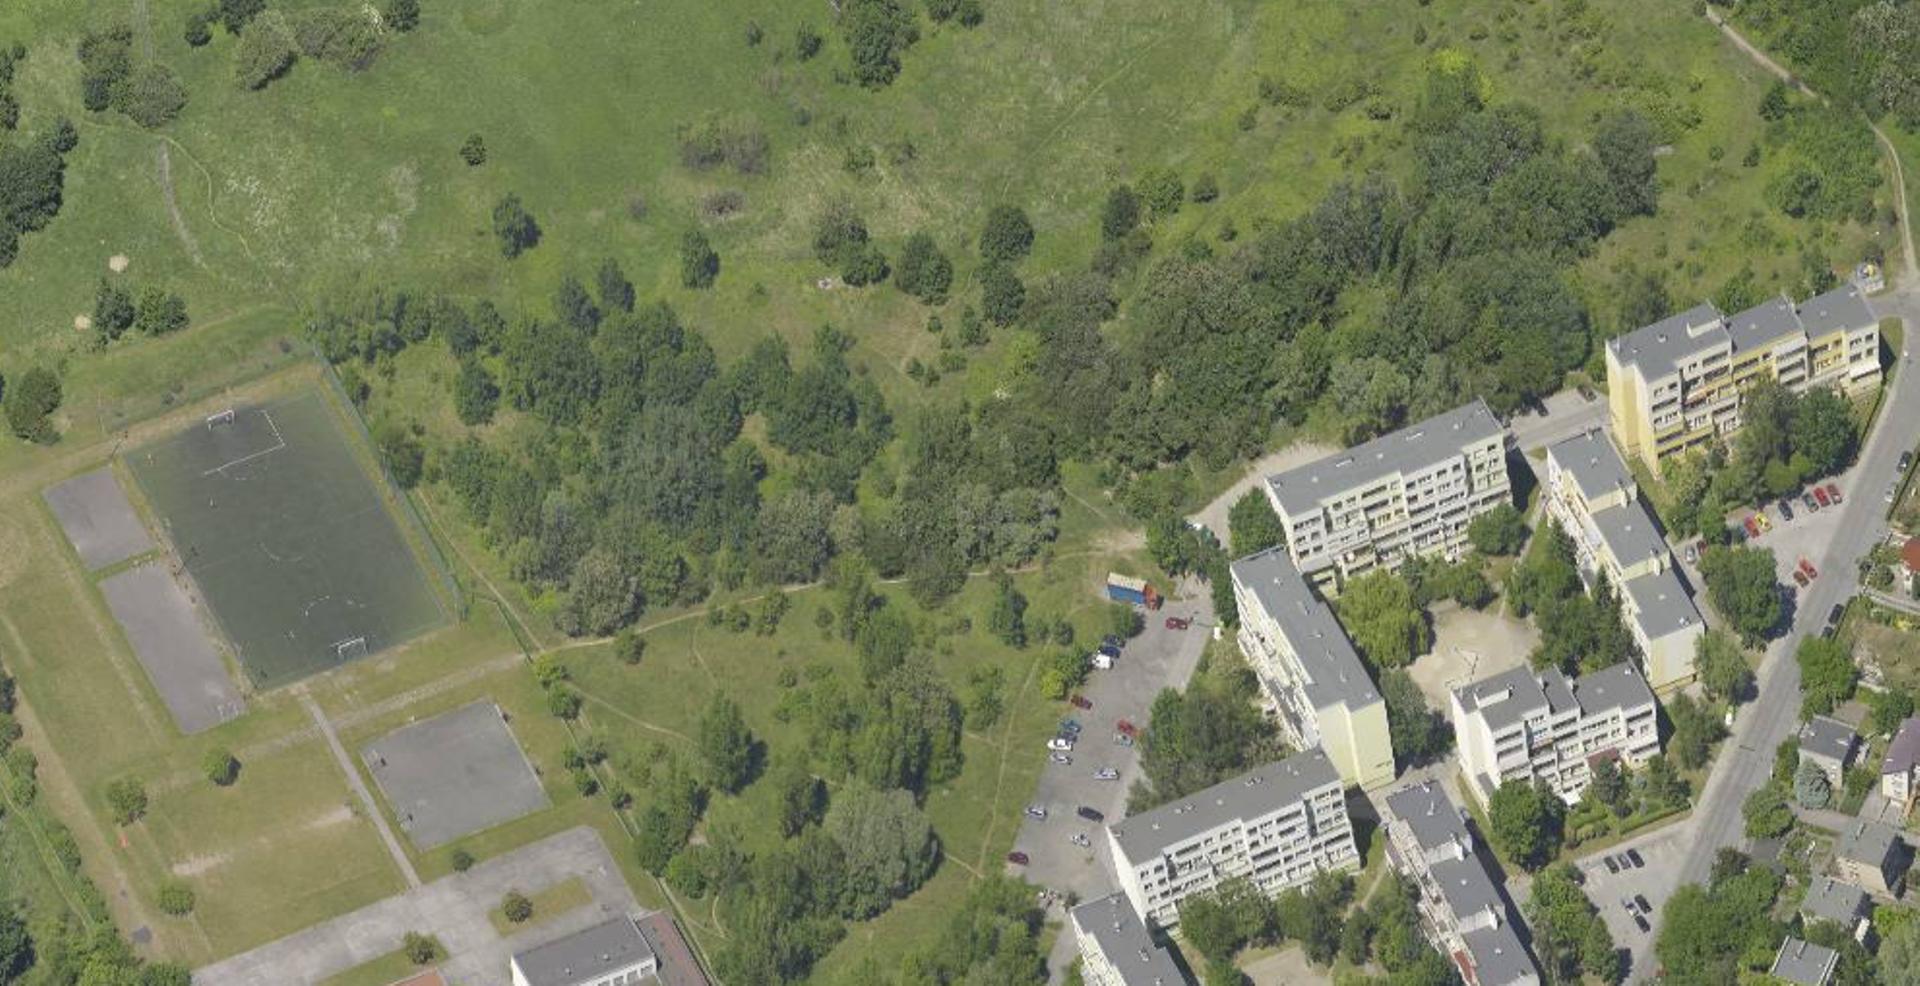 Wrocław: Miasto sprzeda pod osiedle dwa hektary na Kuźnikach